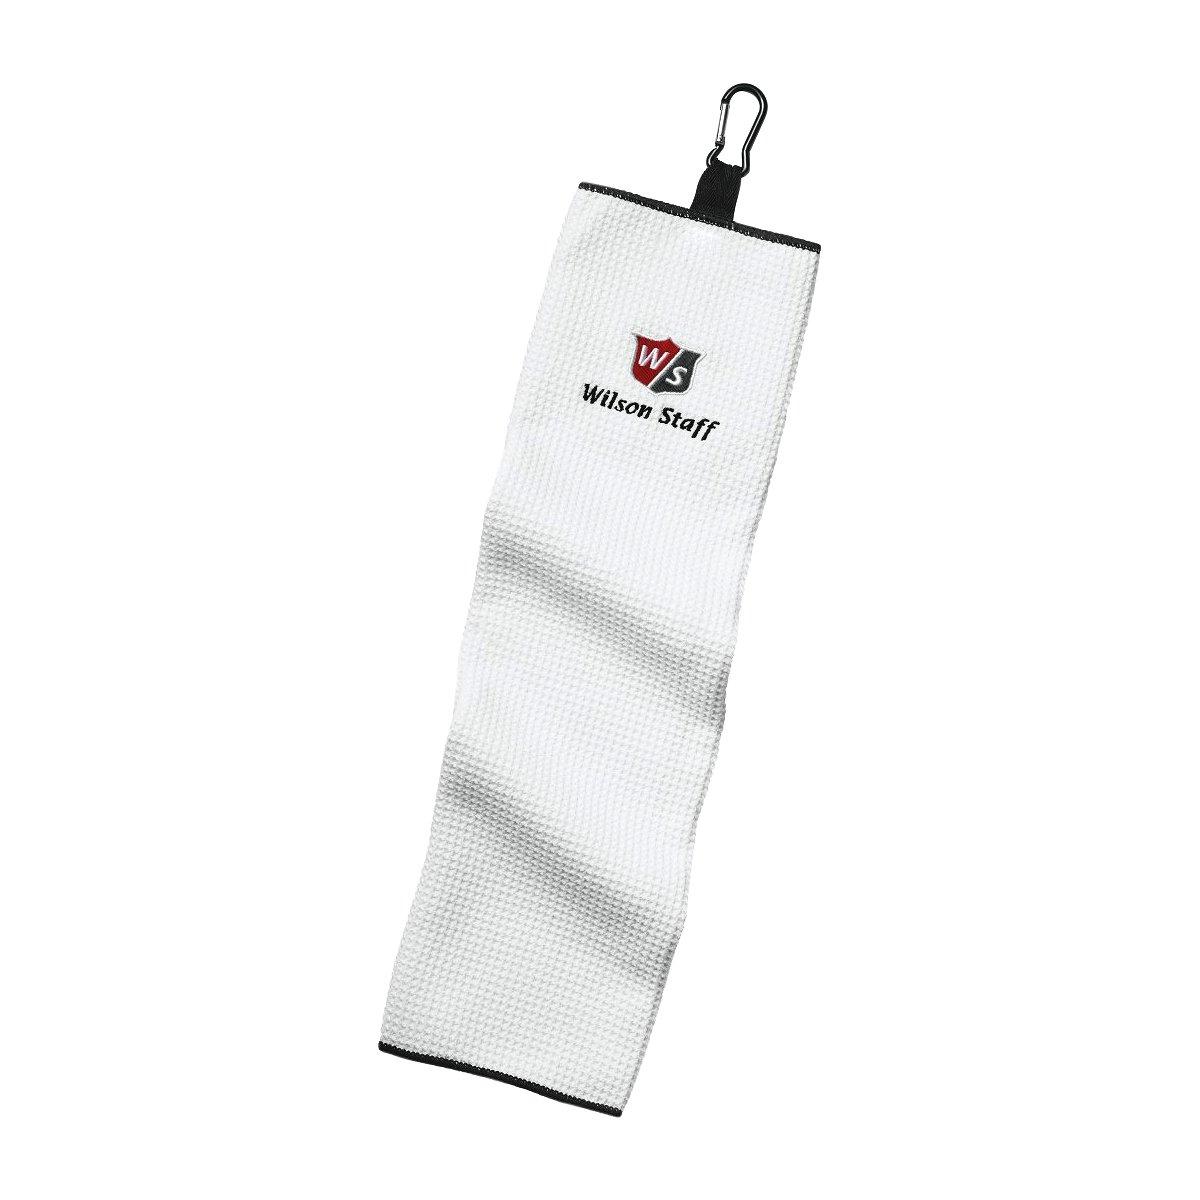 Wilson Staff Tri-Fold Golf Handtuch, Einhängeöse, Sehr saugfähig, Baumwolle,